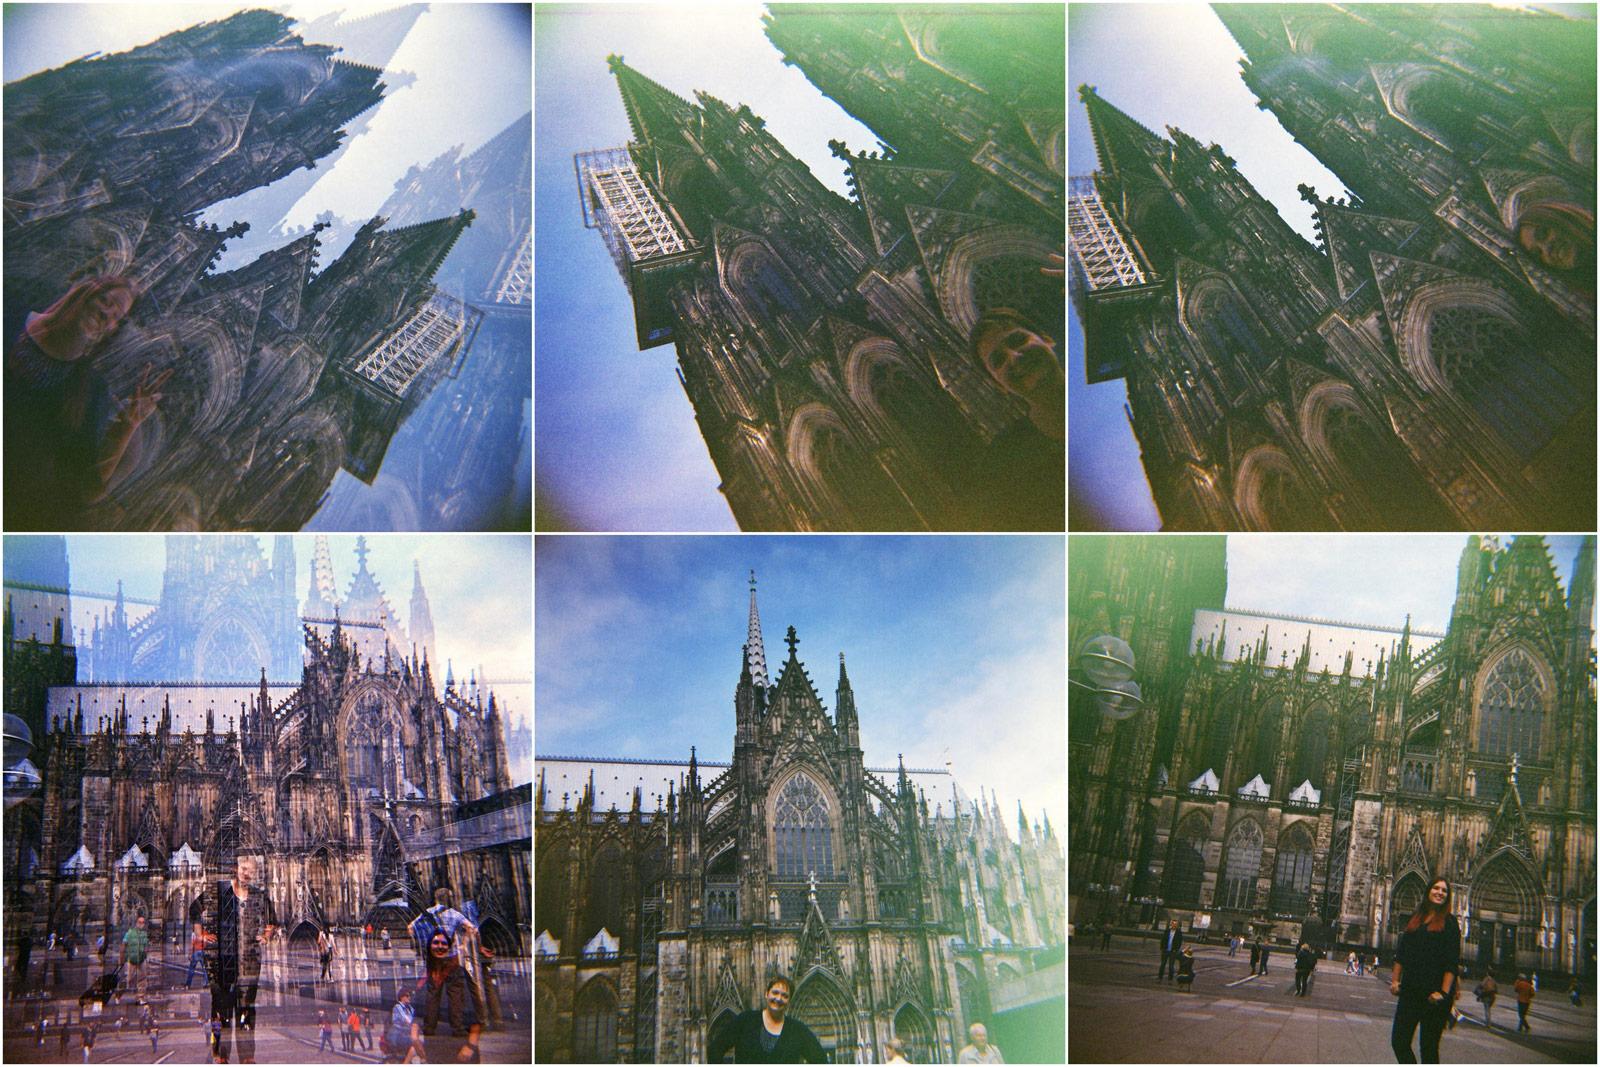 Lomo Liebe - Köln analog (Lomography) - teilweise mit Doppelbelichtung